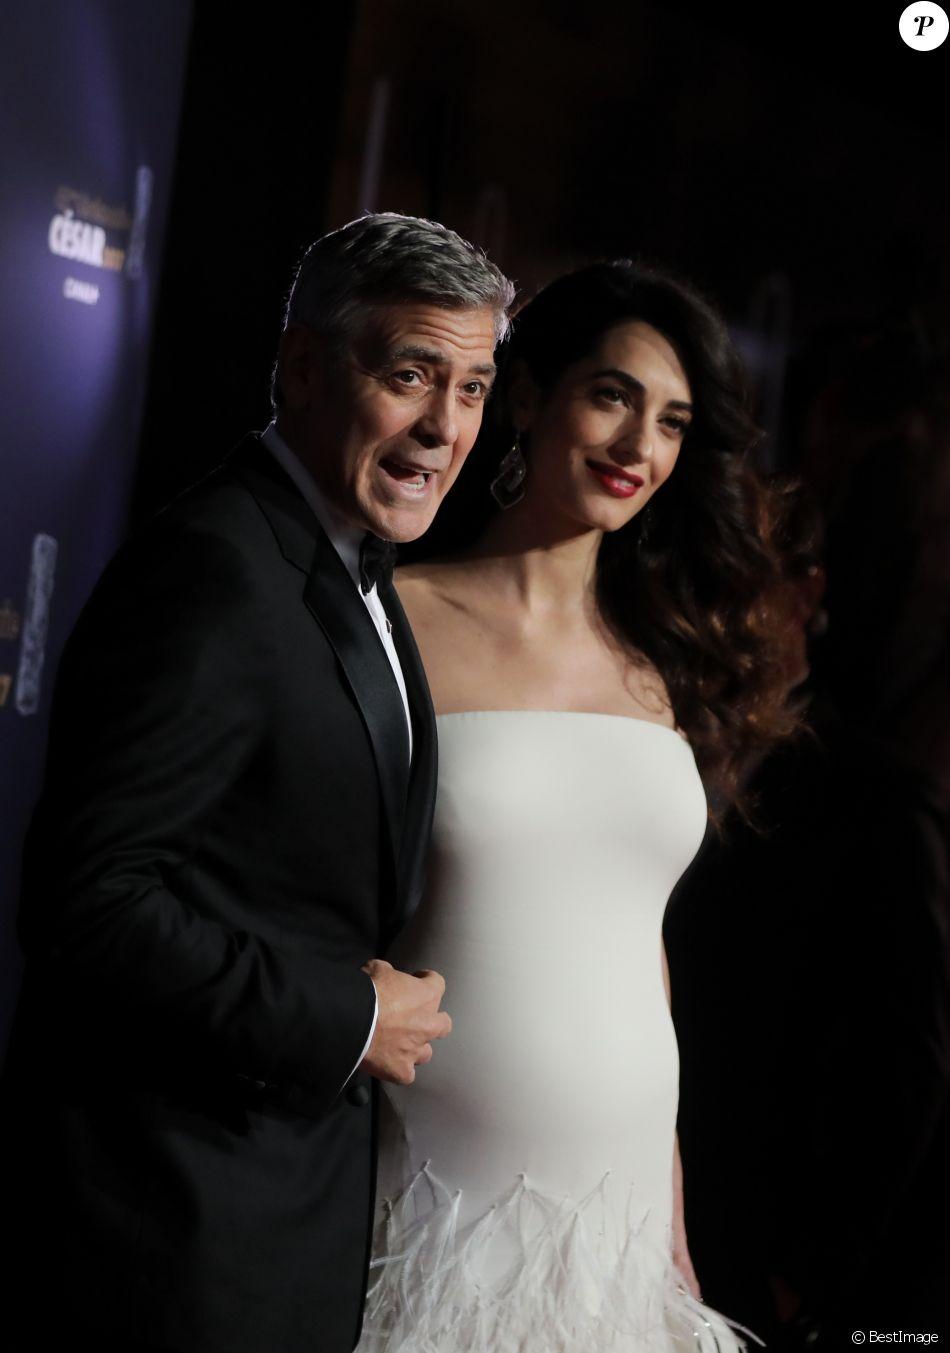 George Clooney (montre Omega) et sa femme Amal Alamuddin-Clooney (enceinte) - Photocall de la 42e cérémonie des Cesar à la salle Pleyel à Paris, le 24 février 2017. © Dominique Jacovides - Olivier Borde / Bestimage